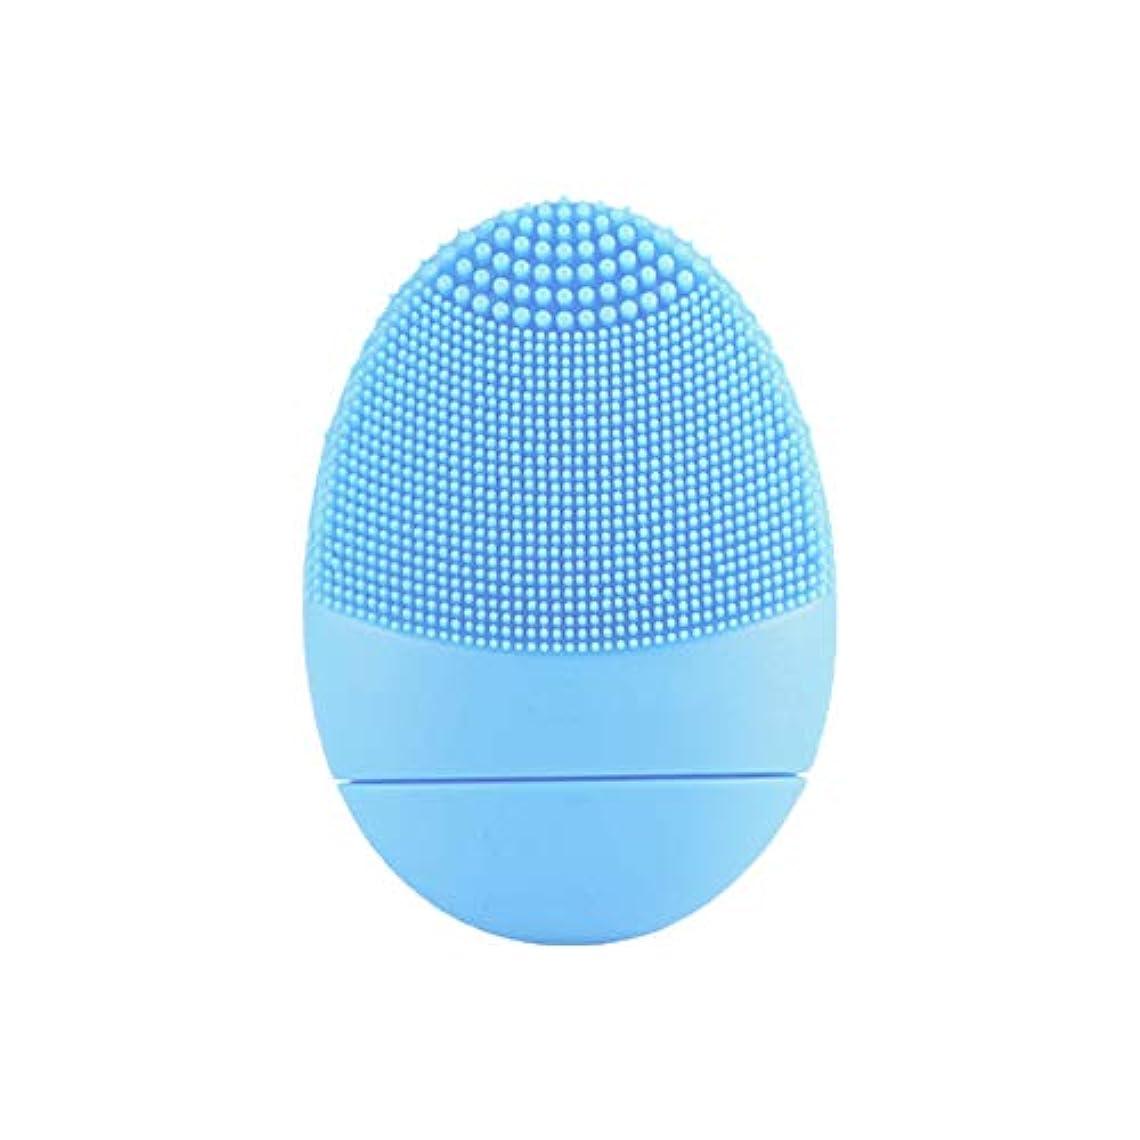 ミシンりなめらかシリコーン洗浄器具、美容洗浄機、毛穴洗浄剤、家庭用電気洗浄器具-blue